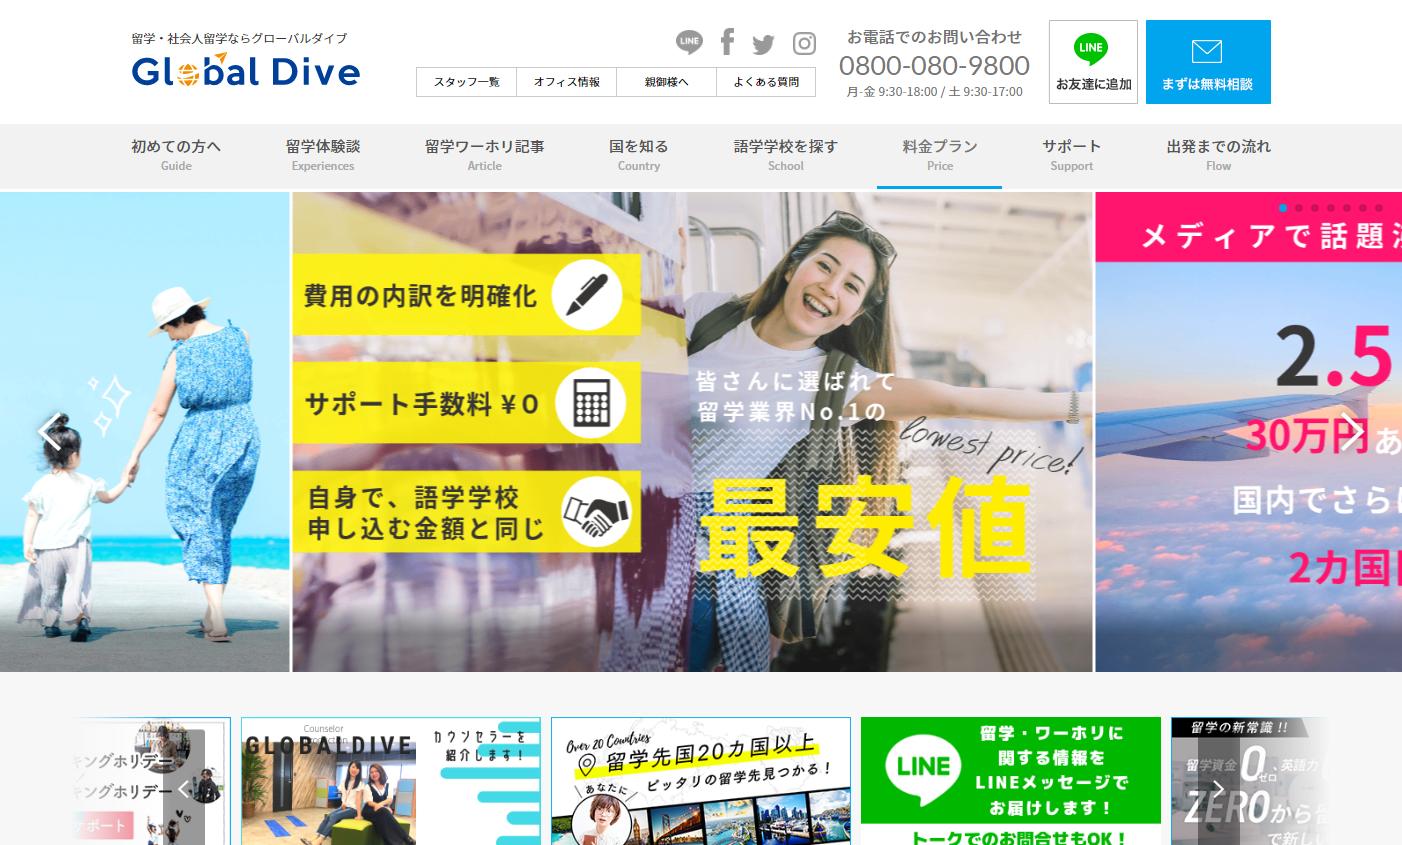 留学・社会人留学ならGlobal-Dive《留学後キャリアサポート》